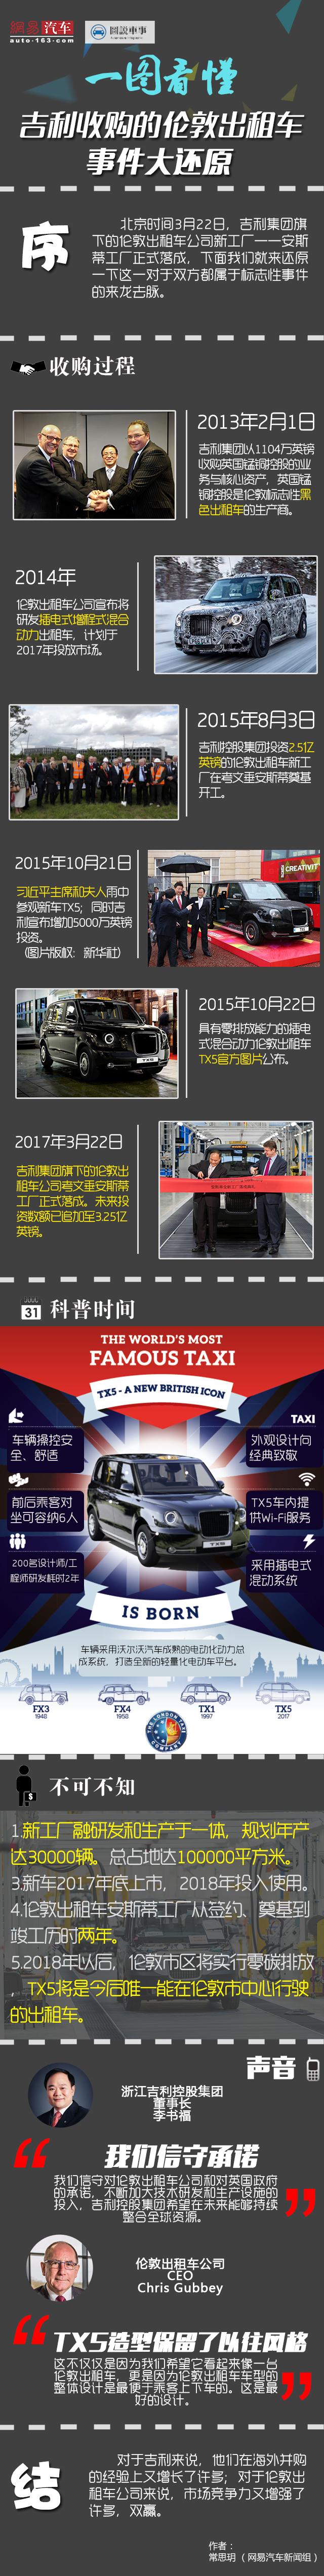 吉利旗下的伦敦出租车公司是什么来头?